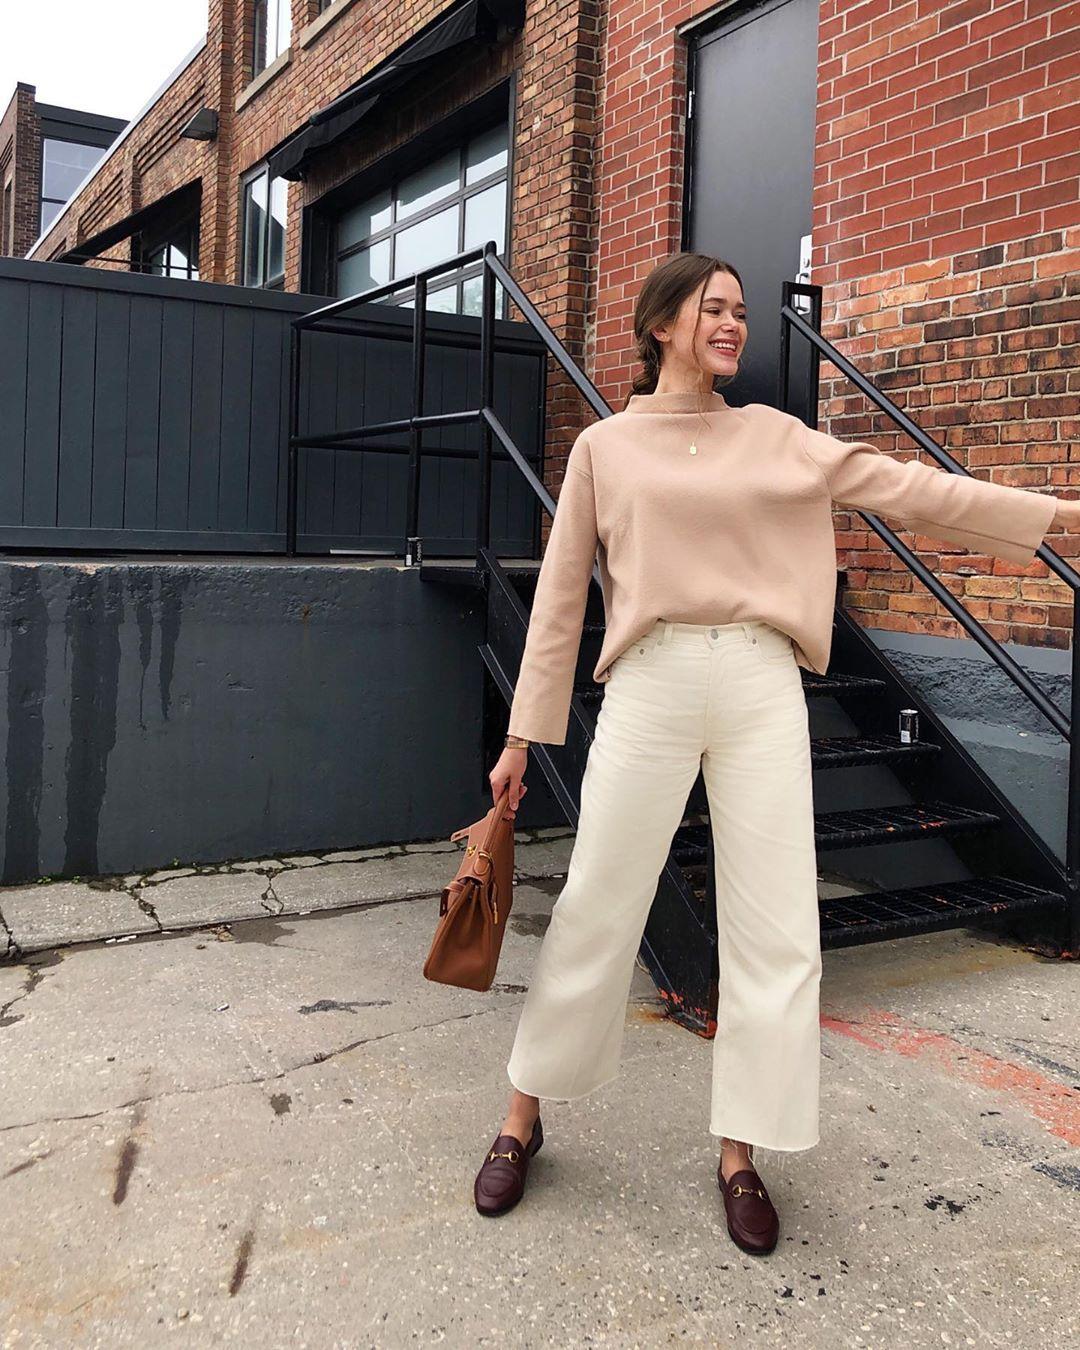 """Valeria Lipovetsky on Instagram: """"I walk around li"""